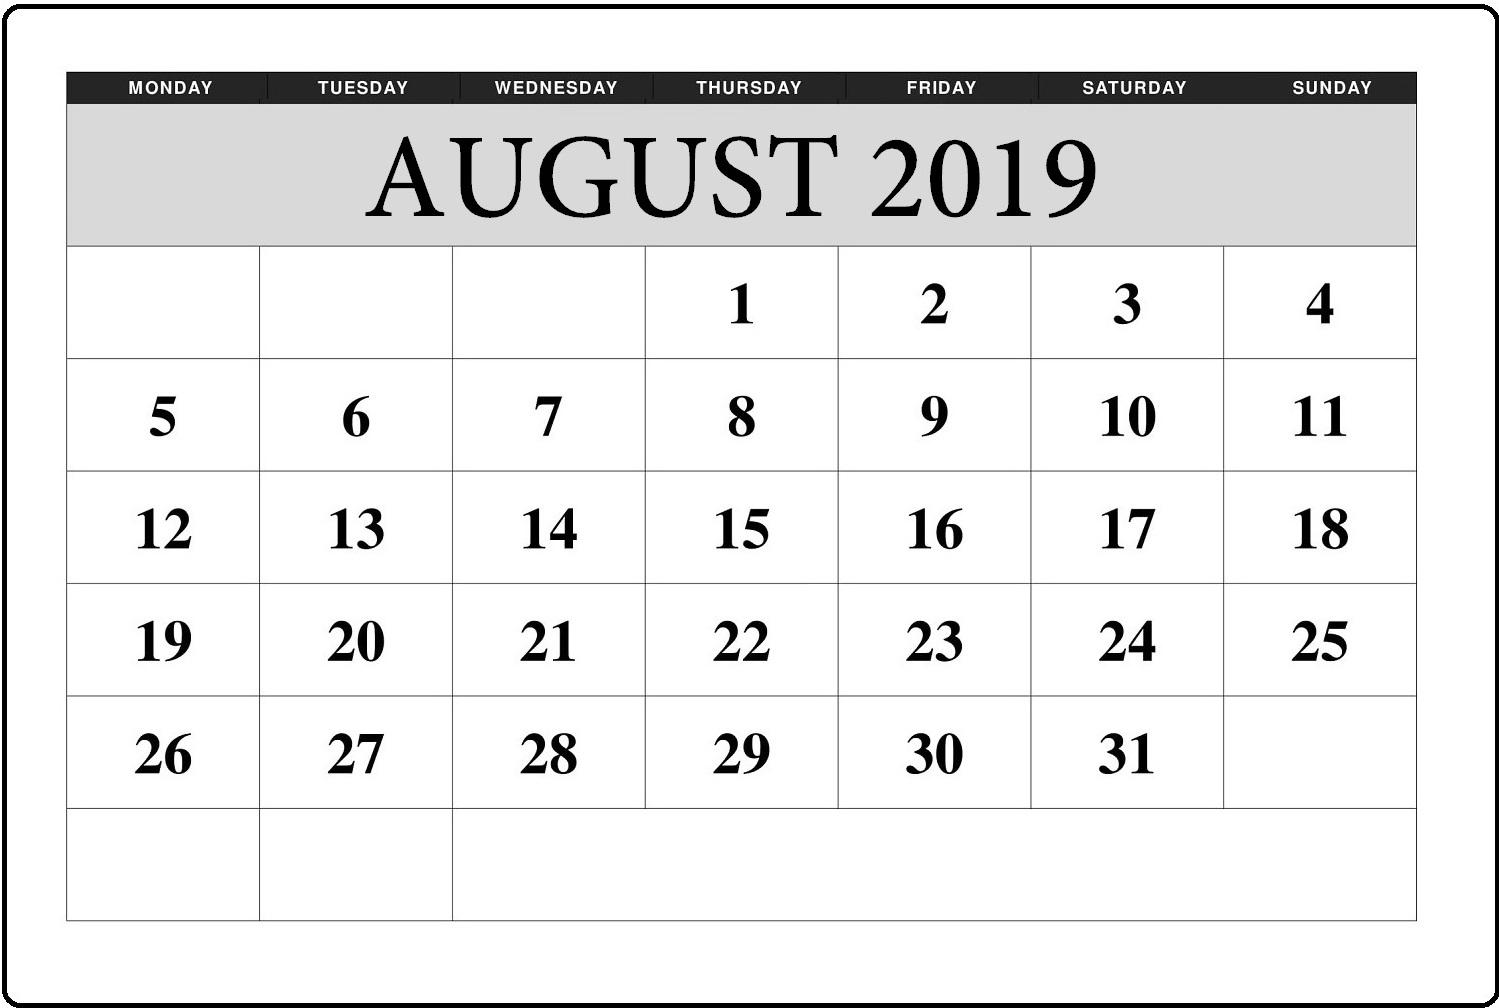 August 2019 Editable Blank Calendar